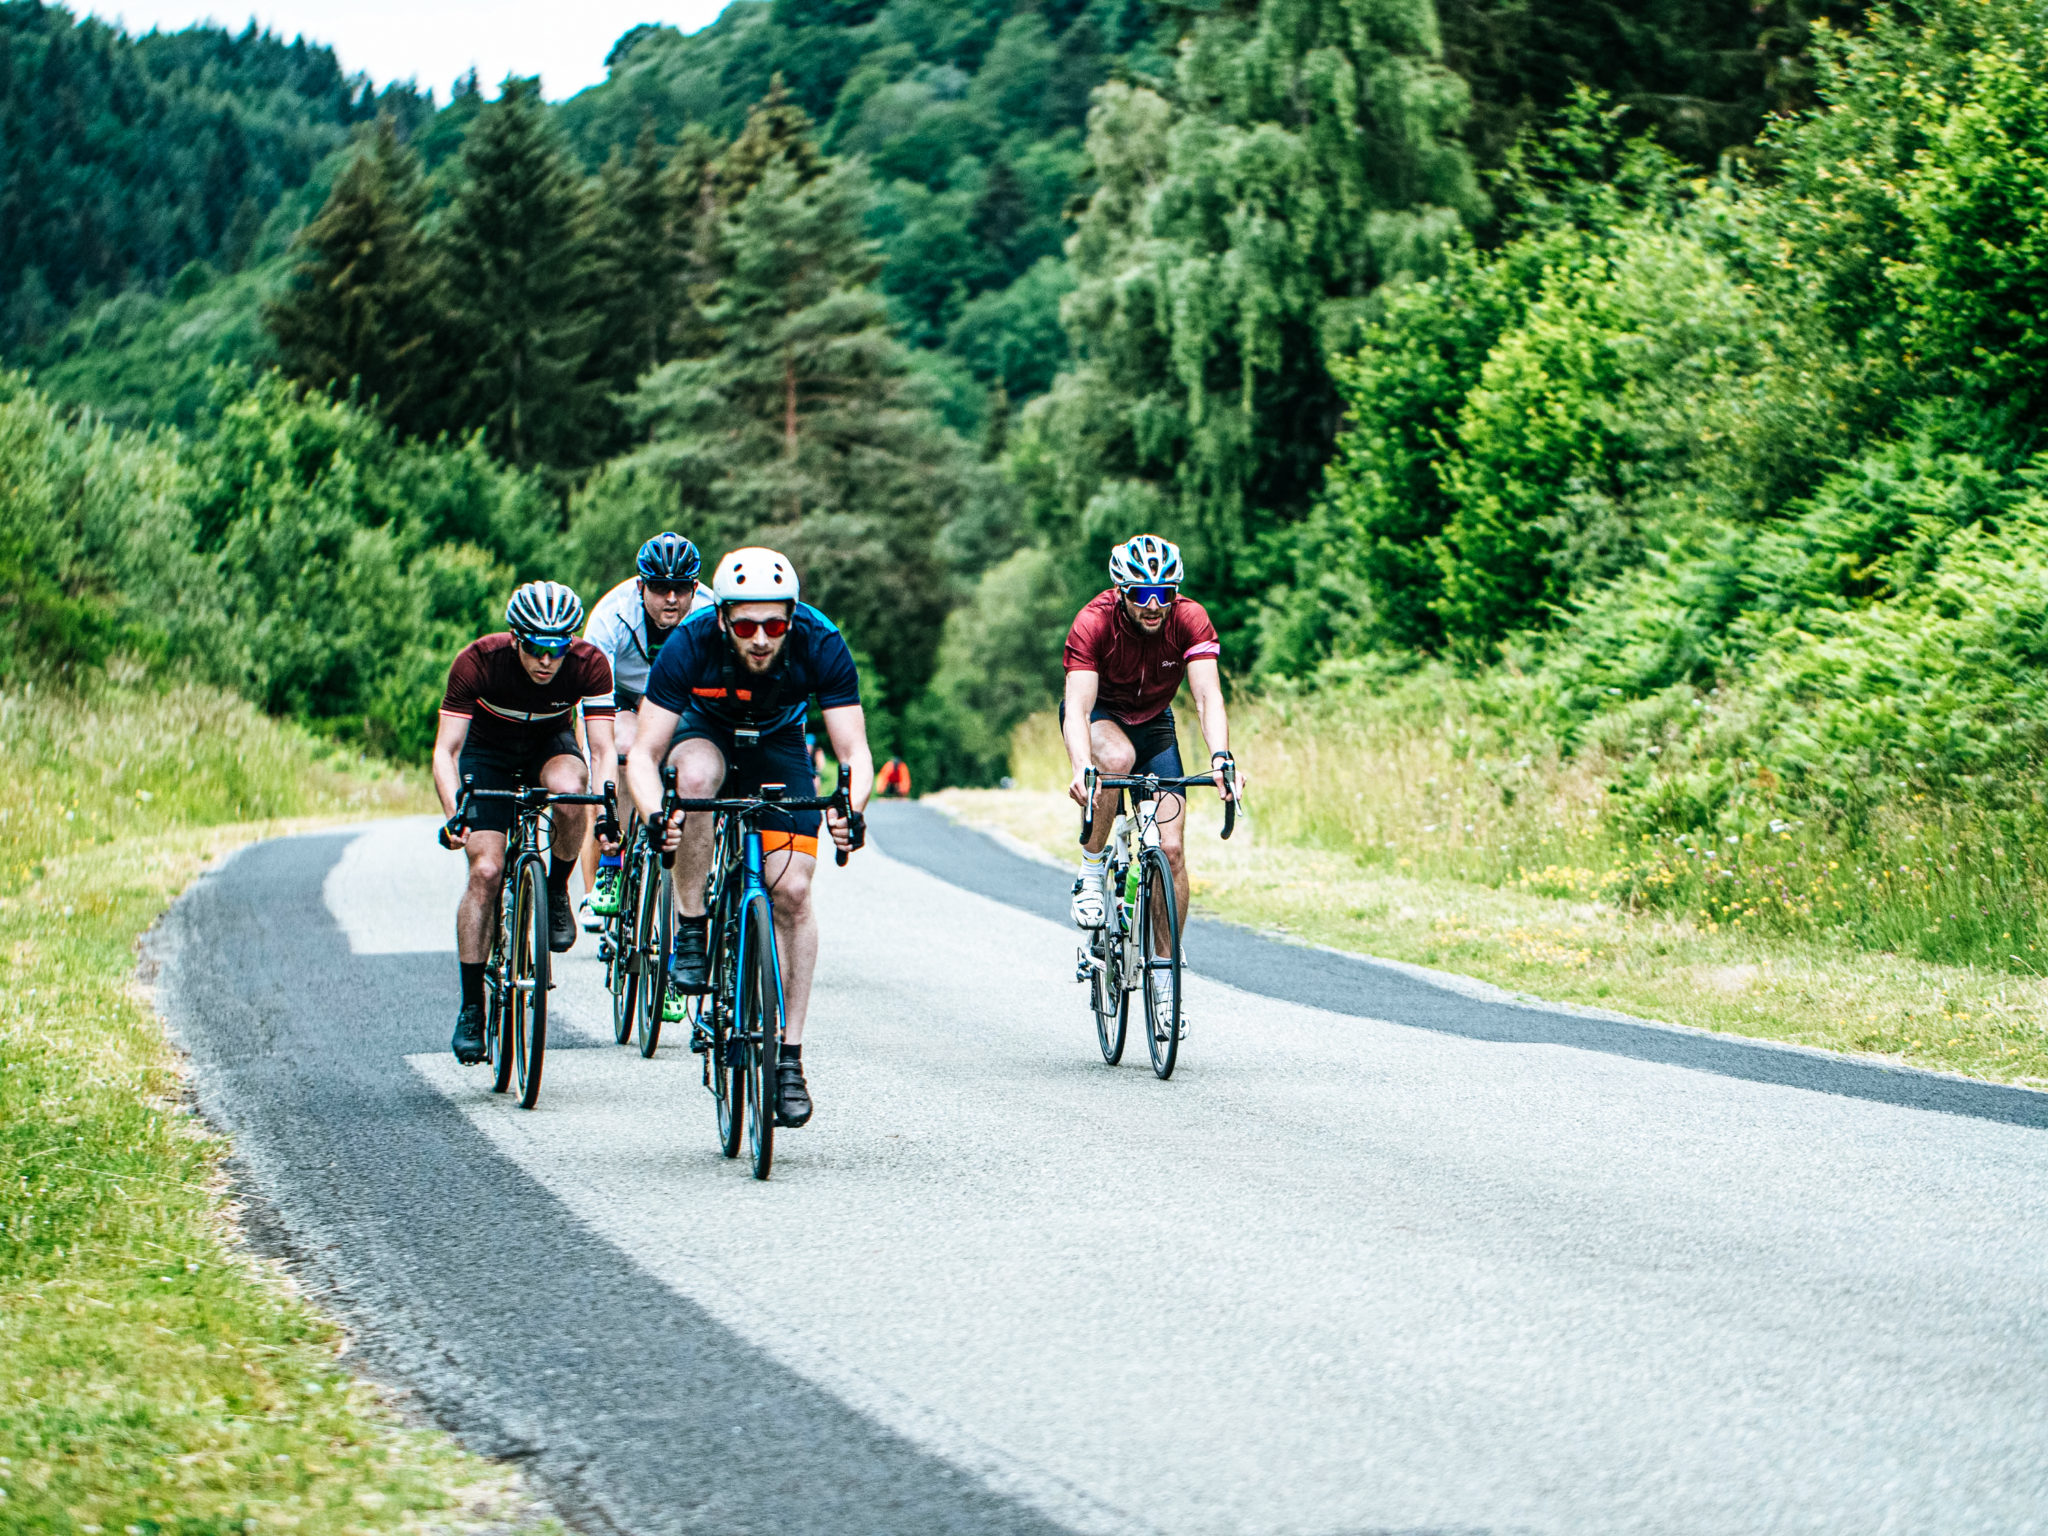 Des cyclosportifs s'entrainant à rouler en peloton.